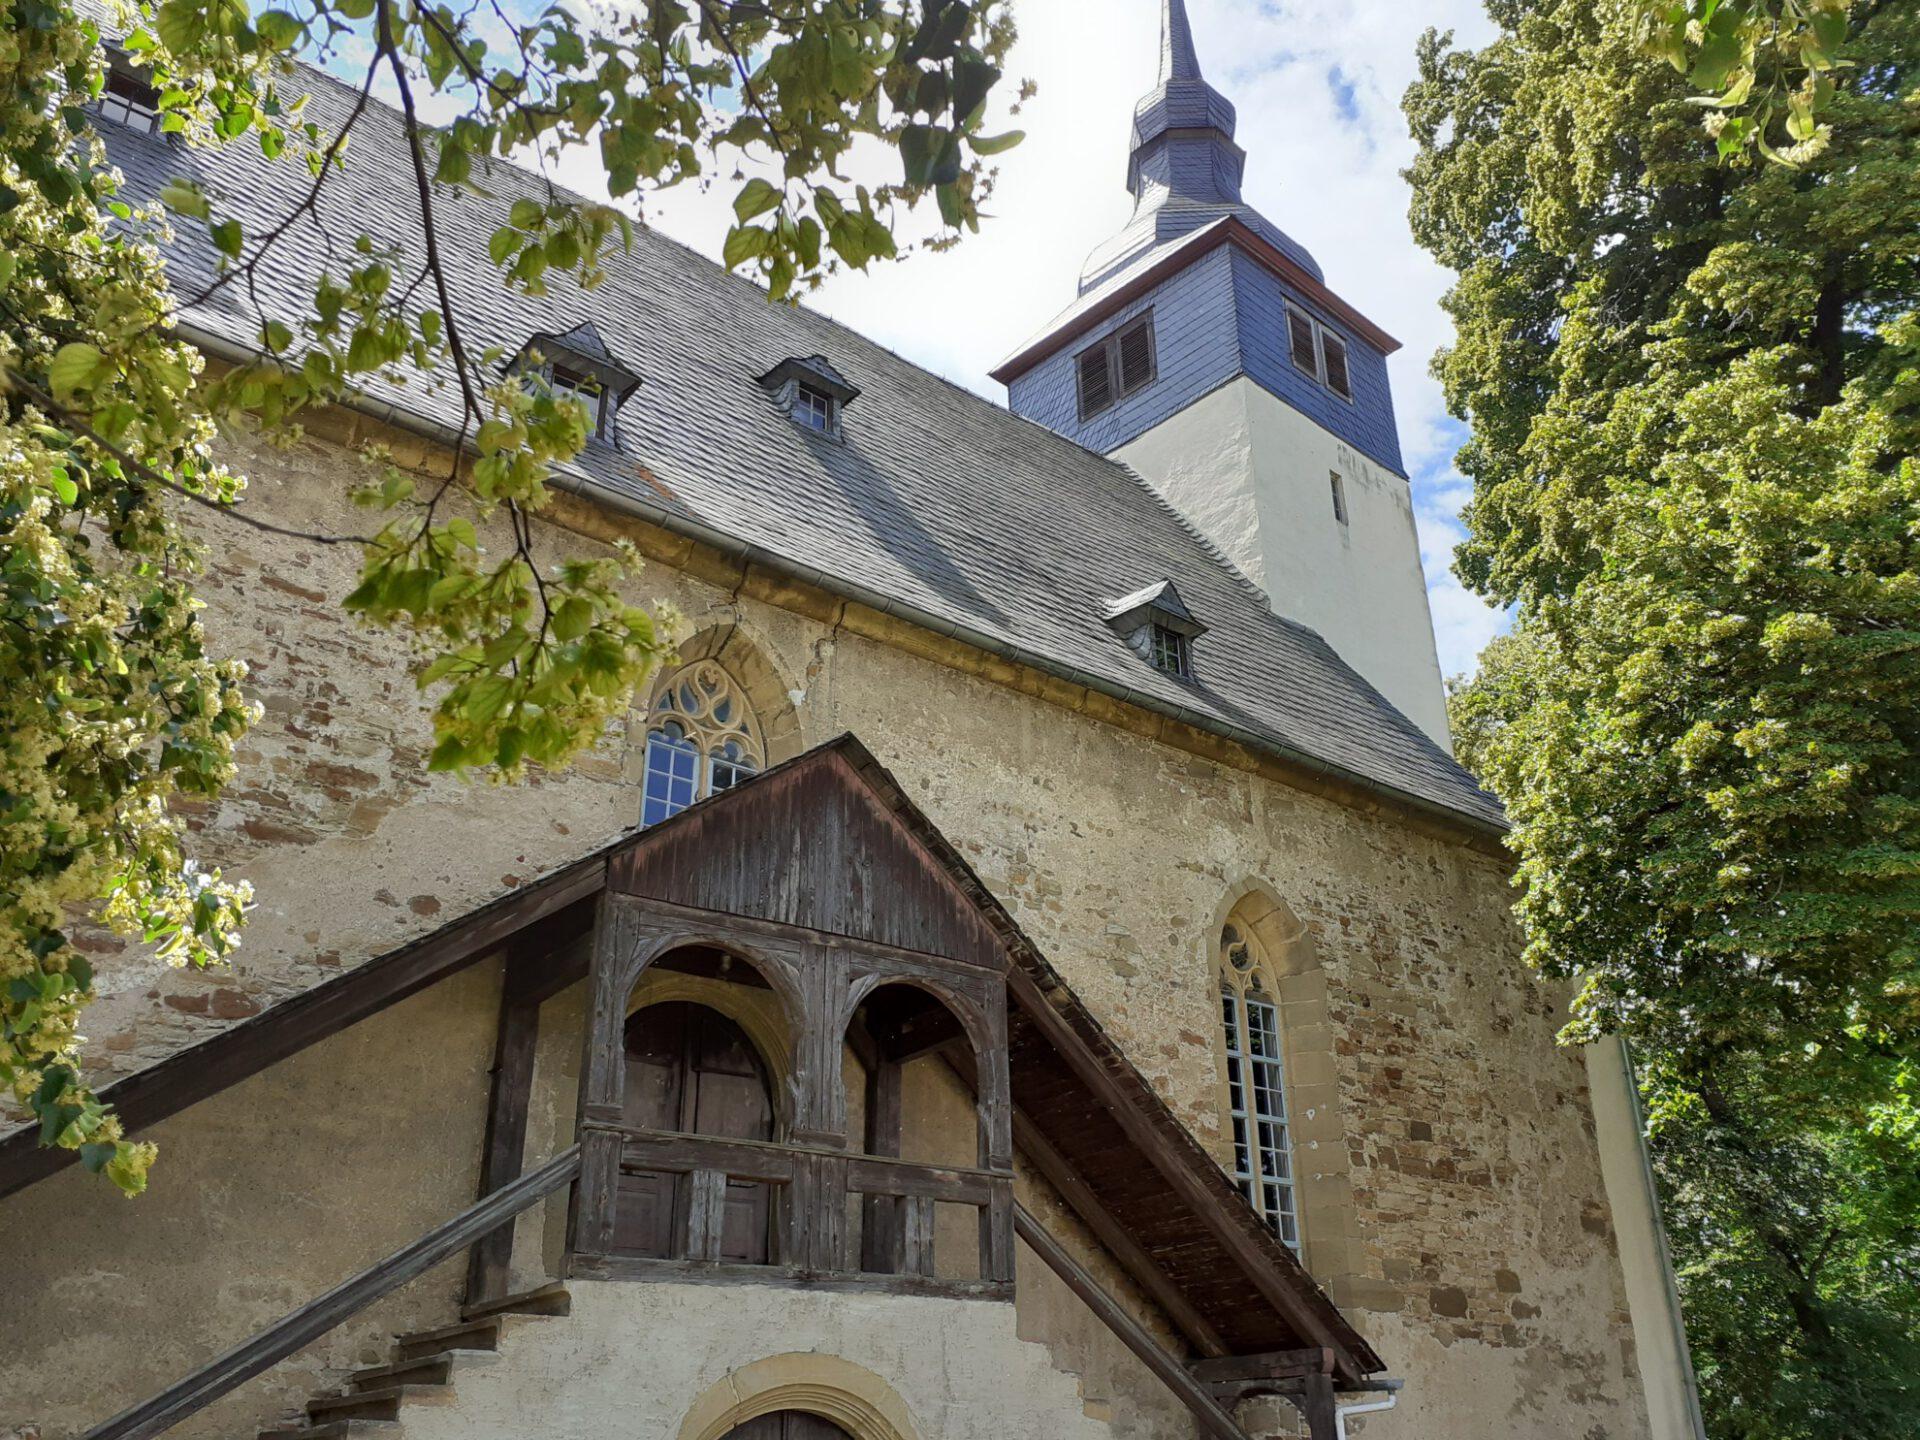 Kirche St. Vitus Schlossvippach